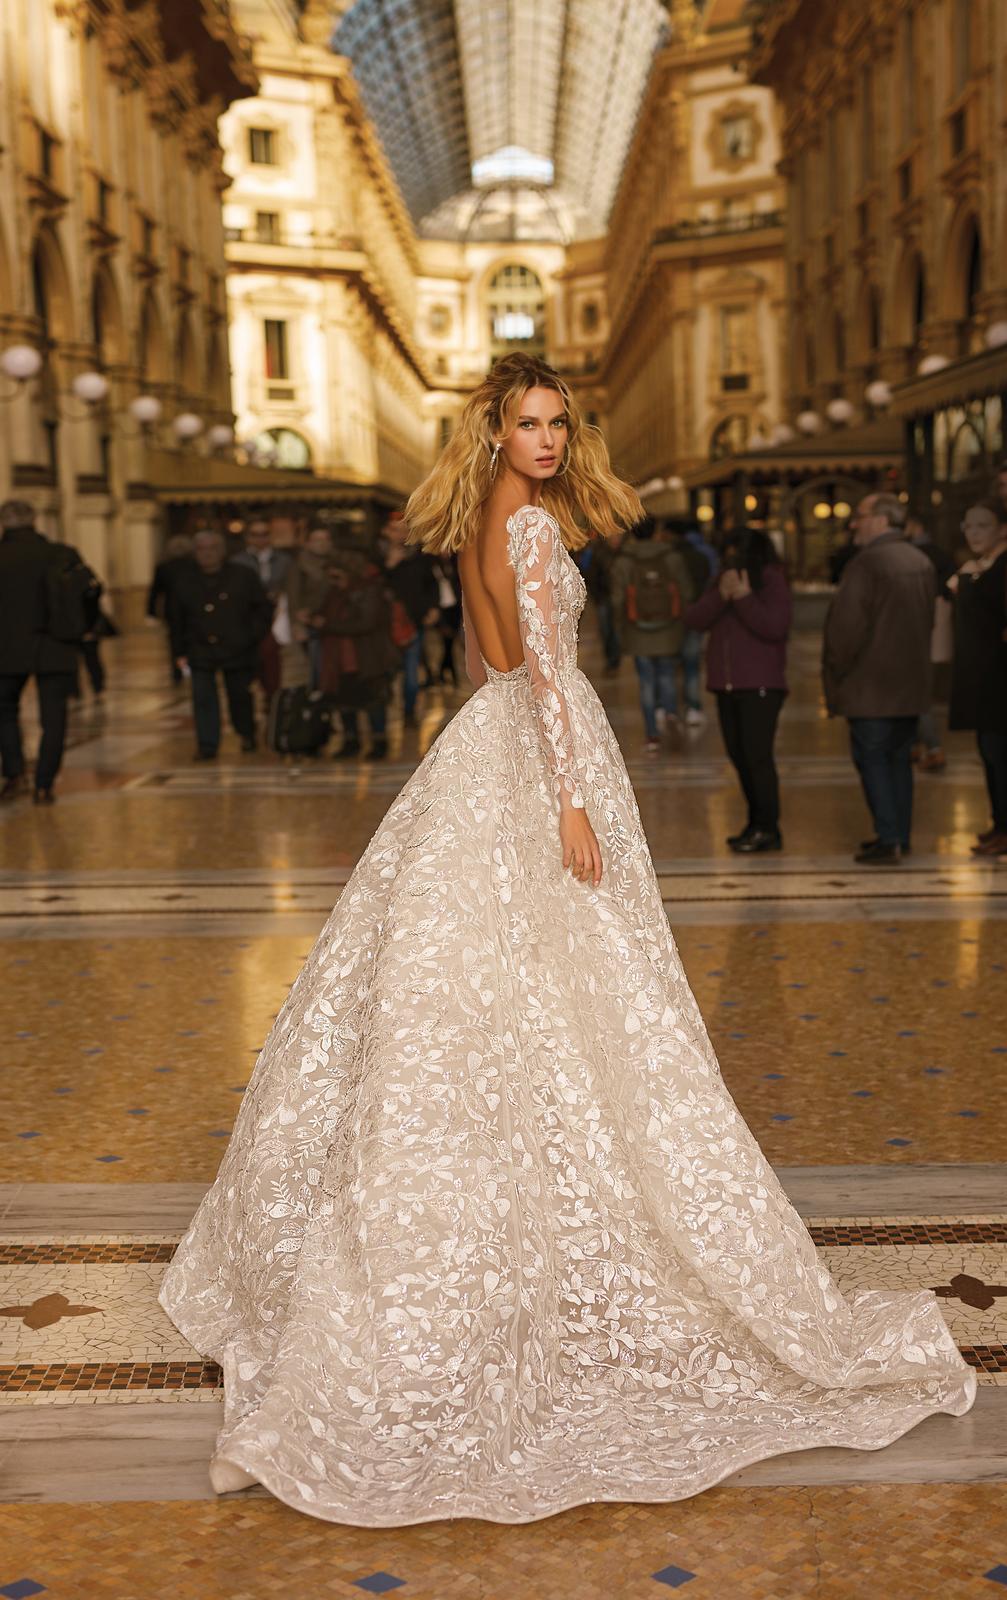 Svadobné šaty jar/leto 2020 BERTA Miláno - Obrázok č. 50